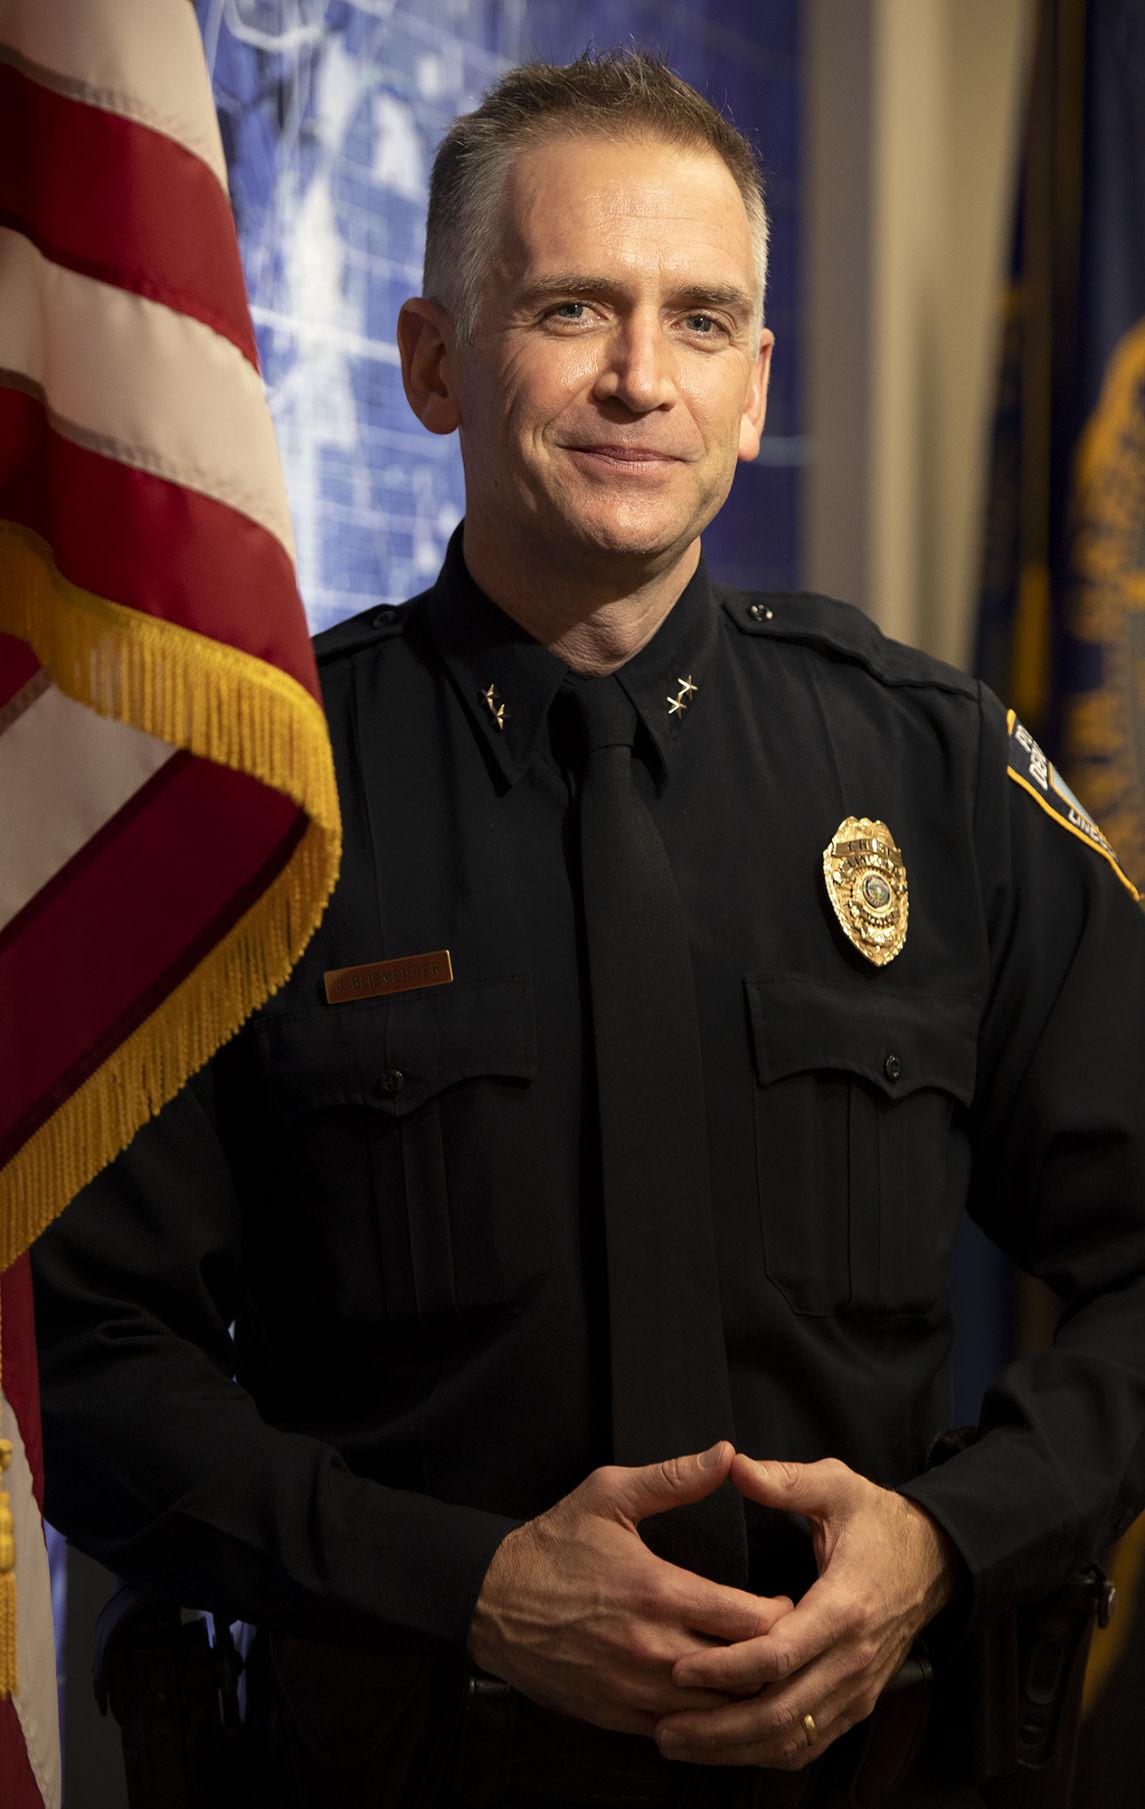 Jeff Bliemeister